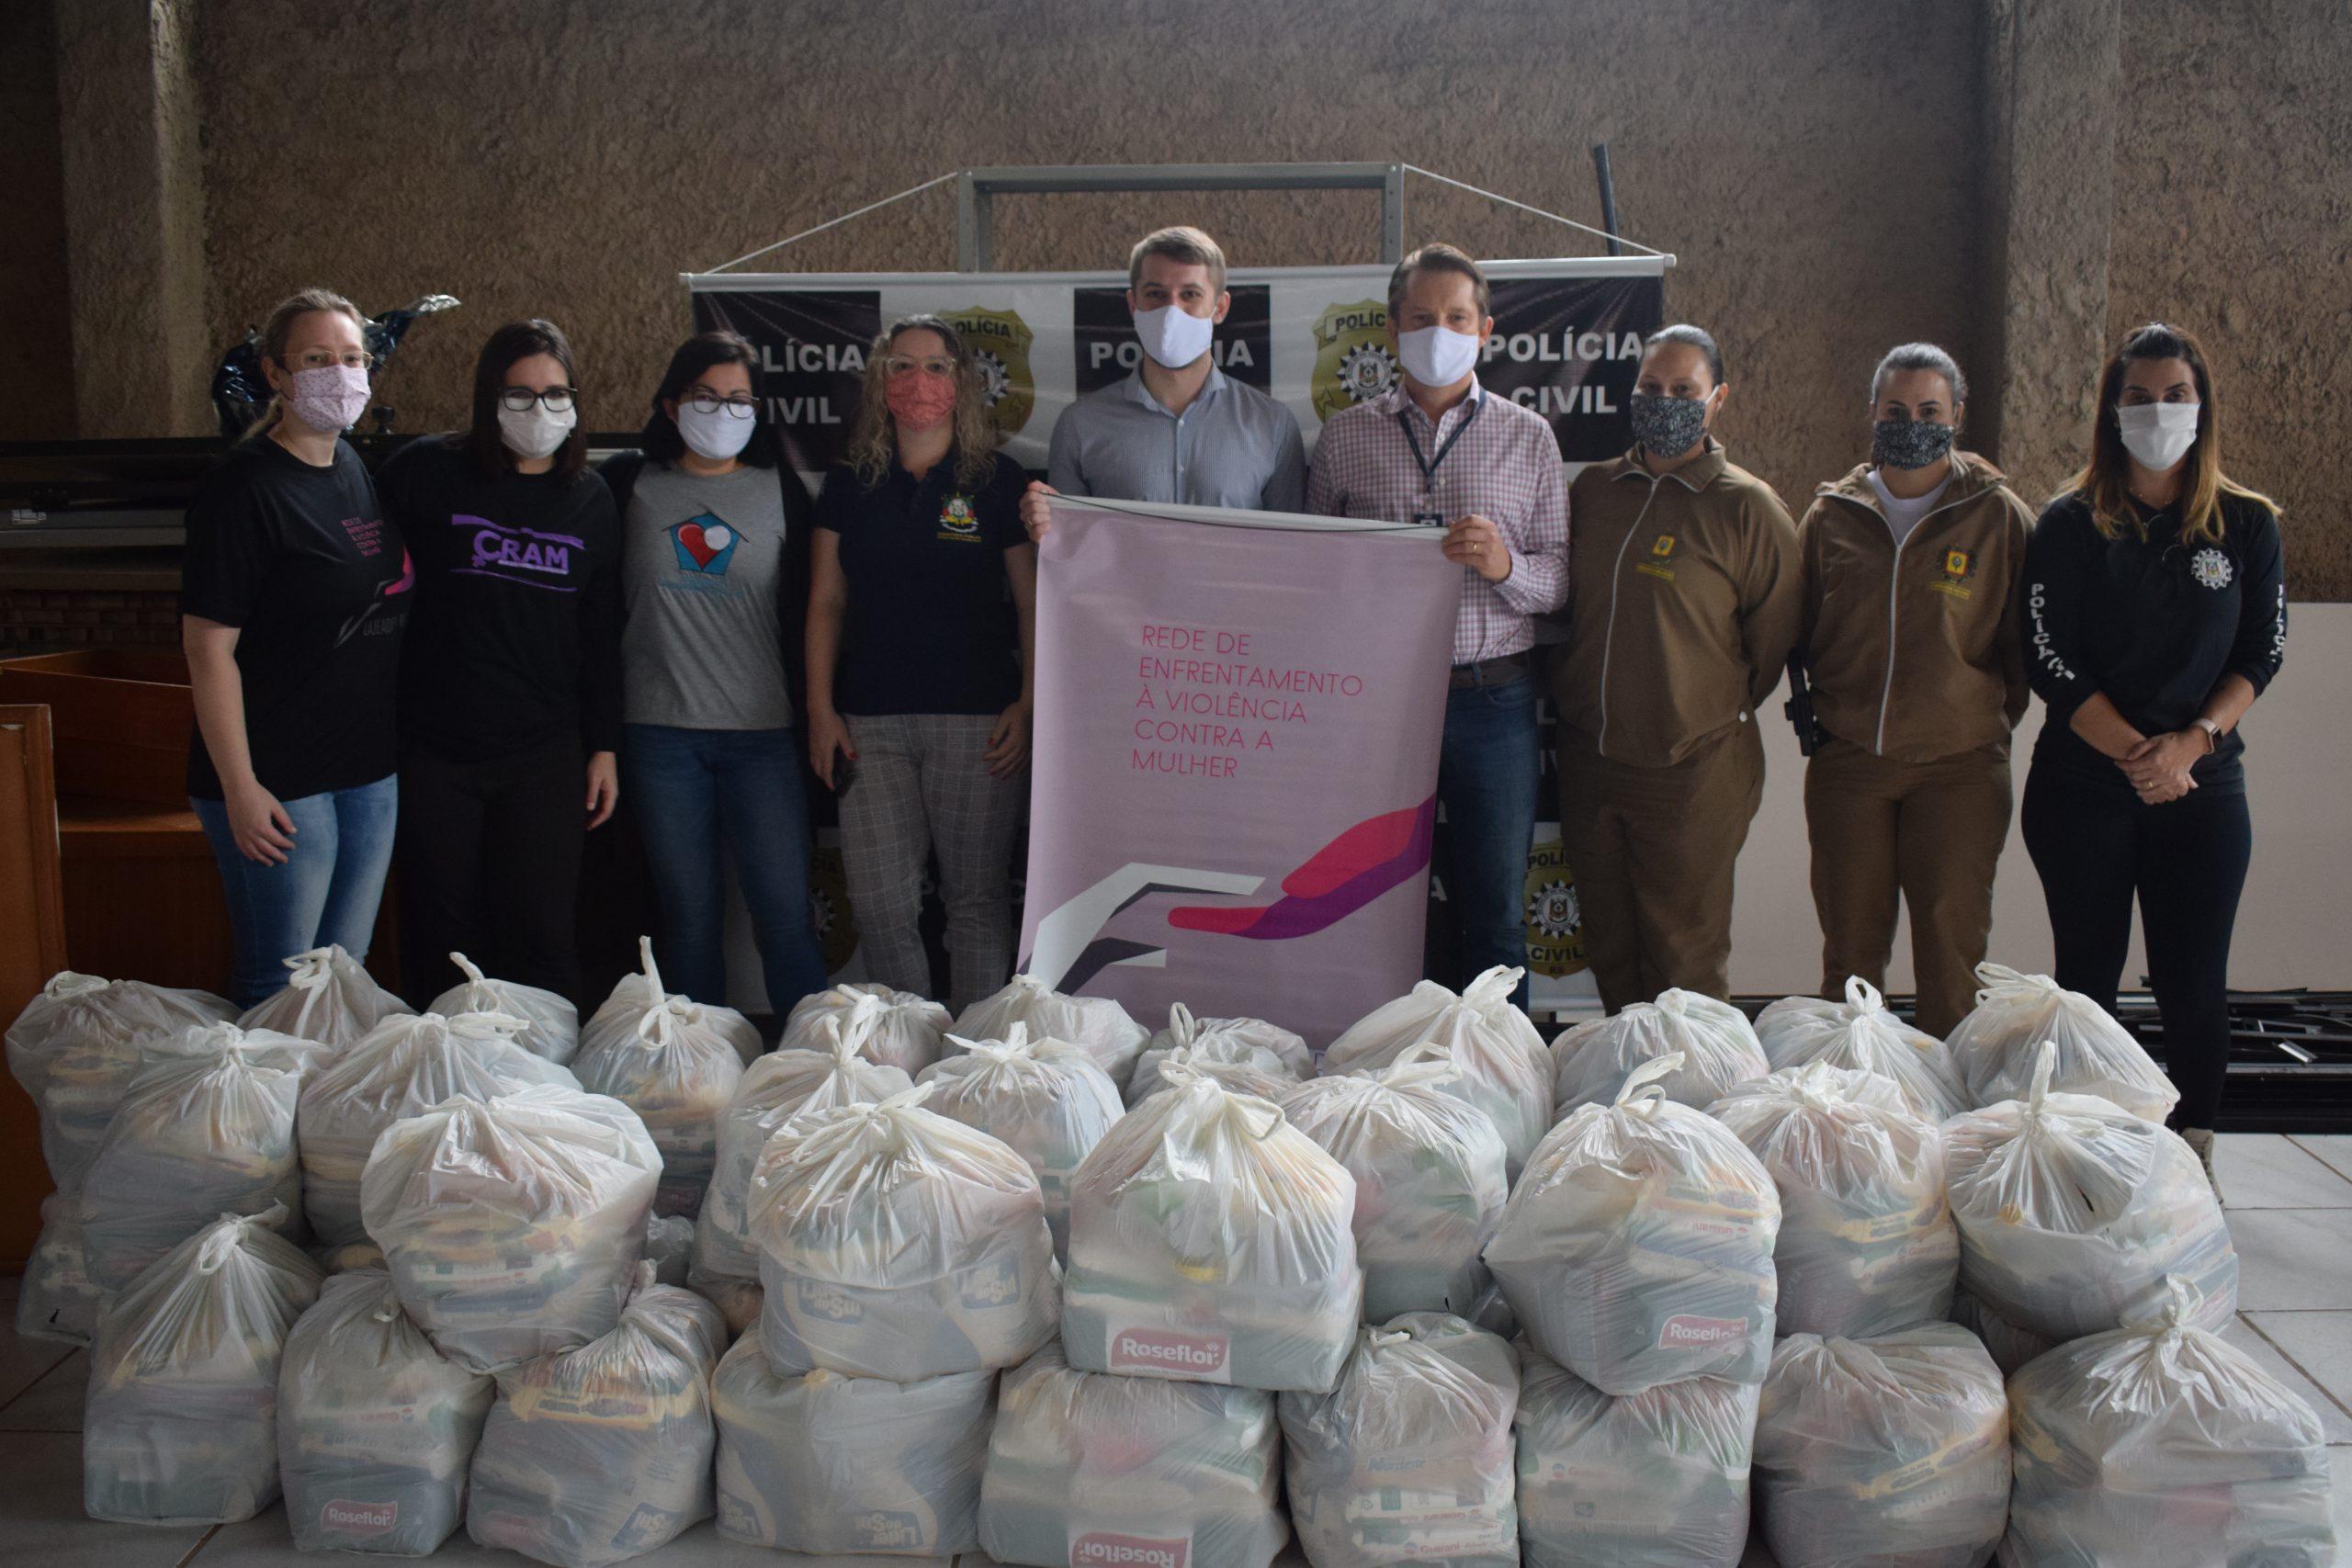 Grupo Imec doa cestas básicas para vítimas de violência doméstica